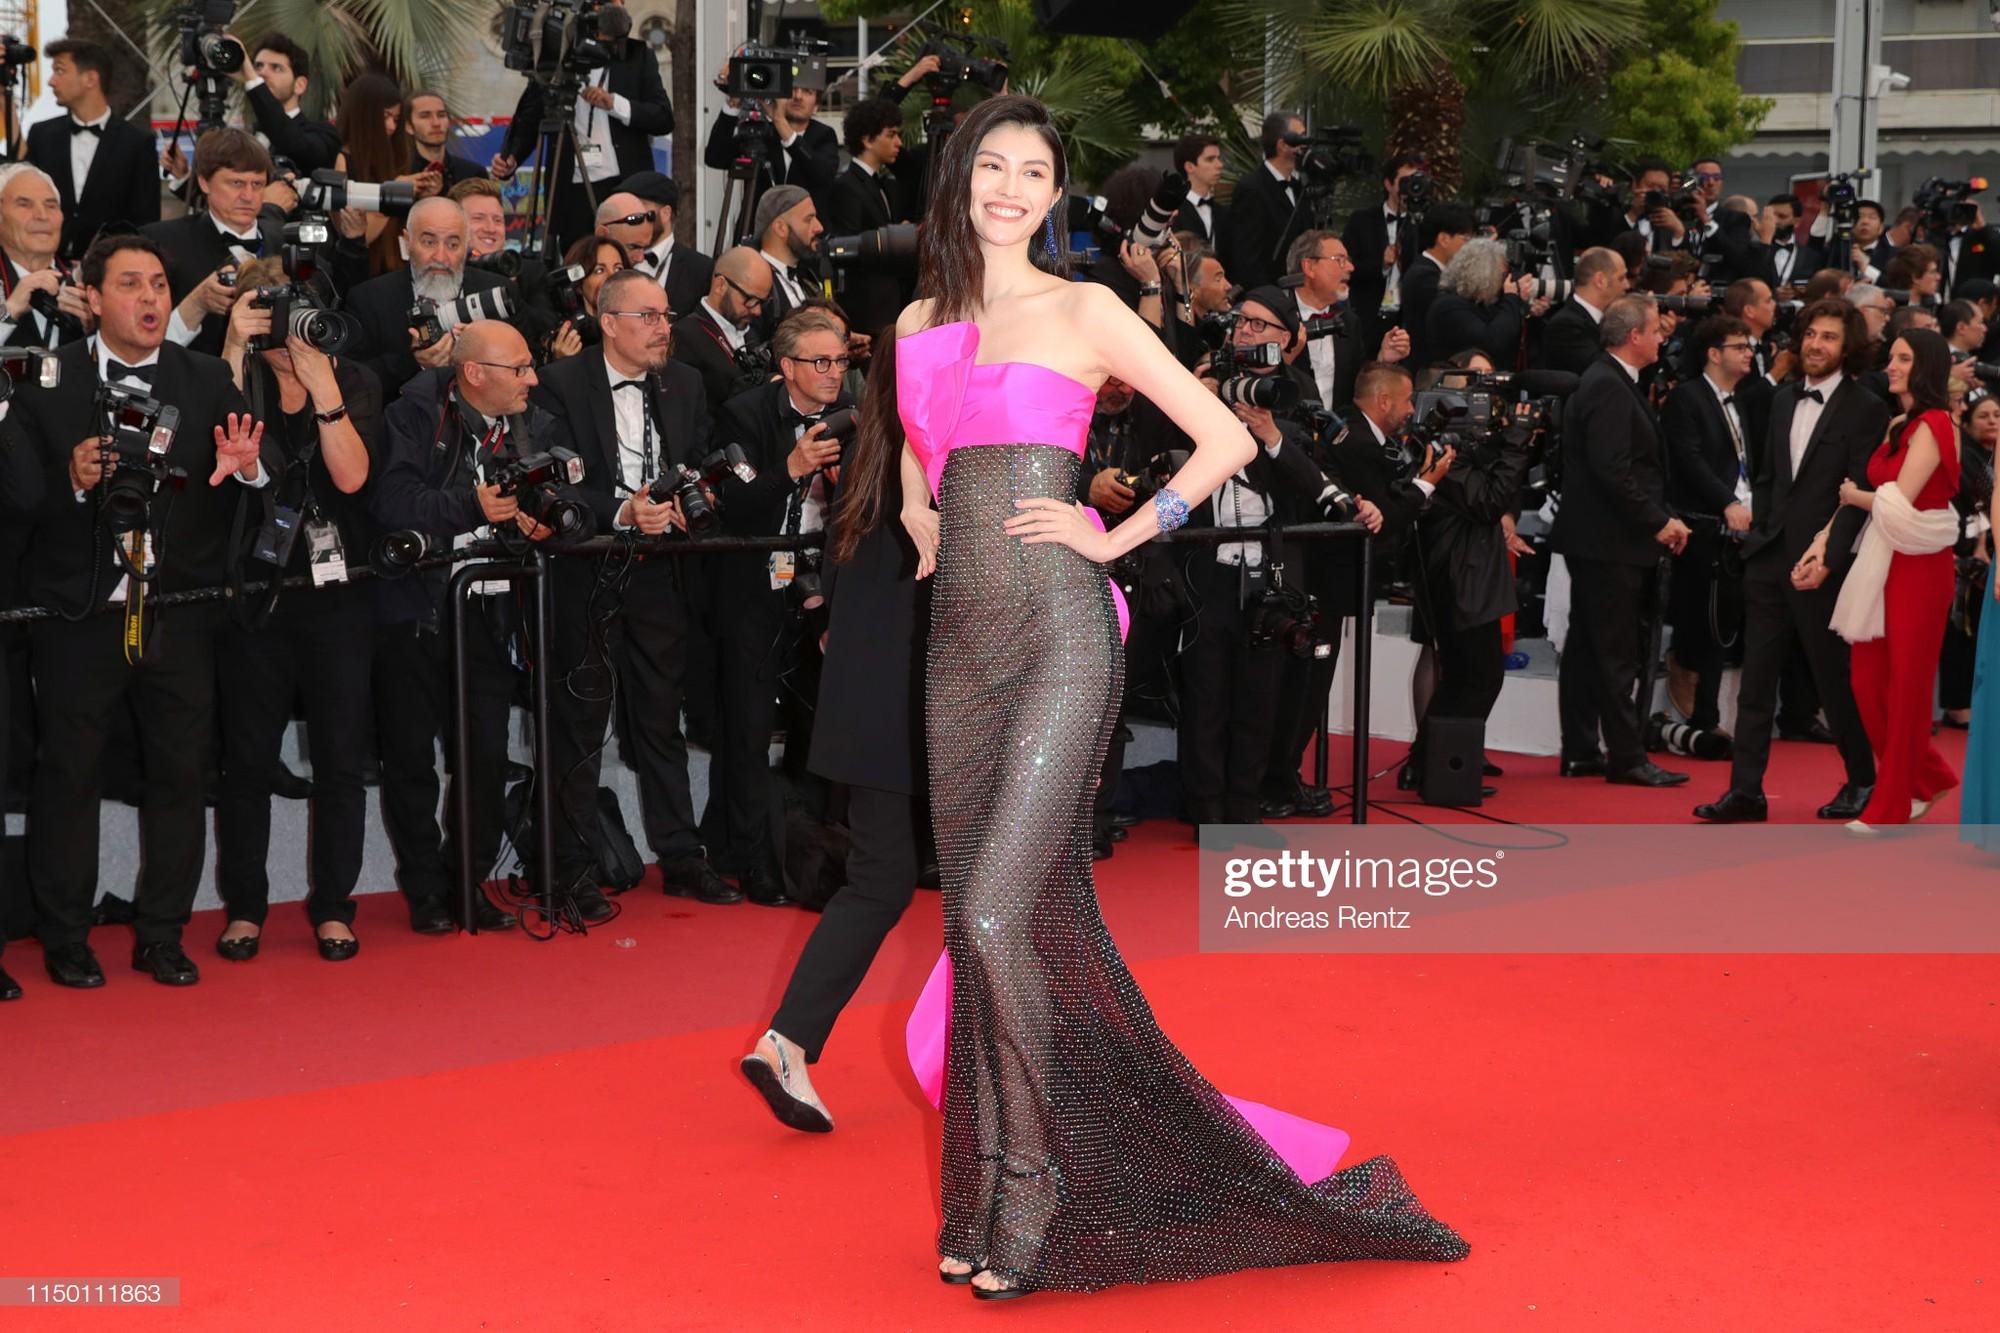 2 thái cực của 2 chân dài Victorias Secret Trung Quốc tại Cannes: Ming Xi như công chúa, Sui He phô phang đến bức người - Hình 12